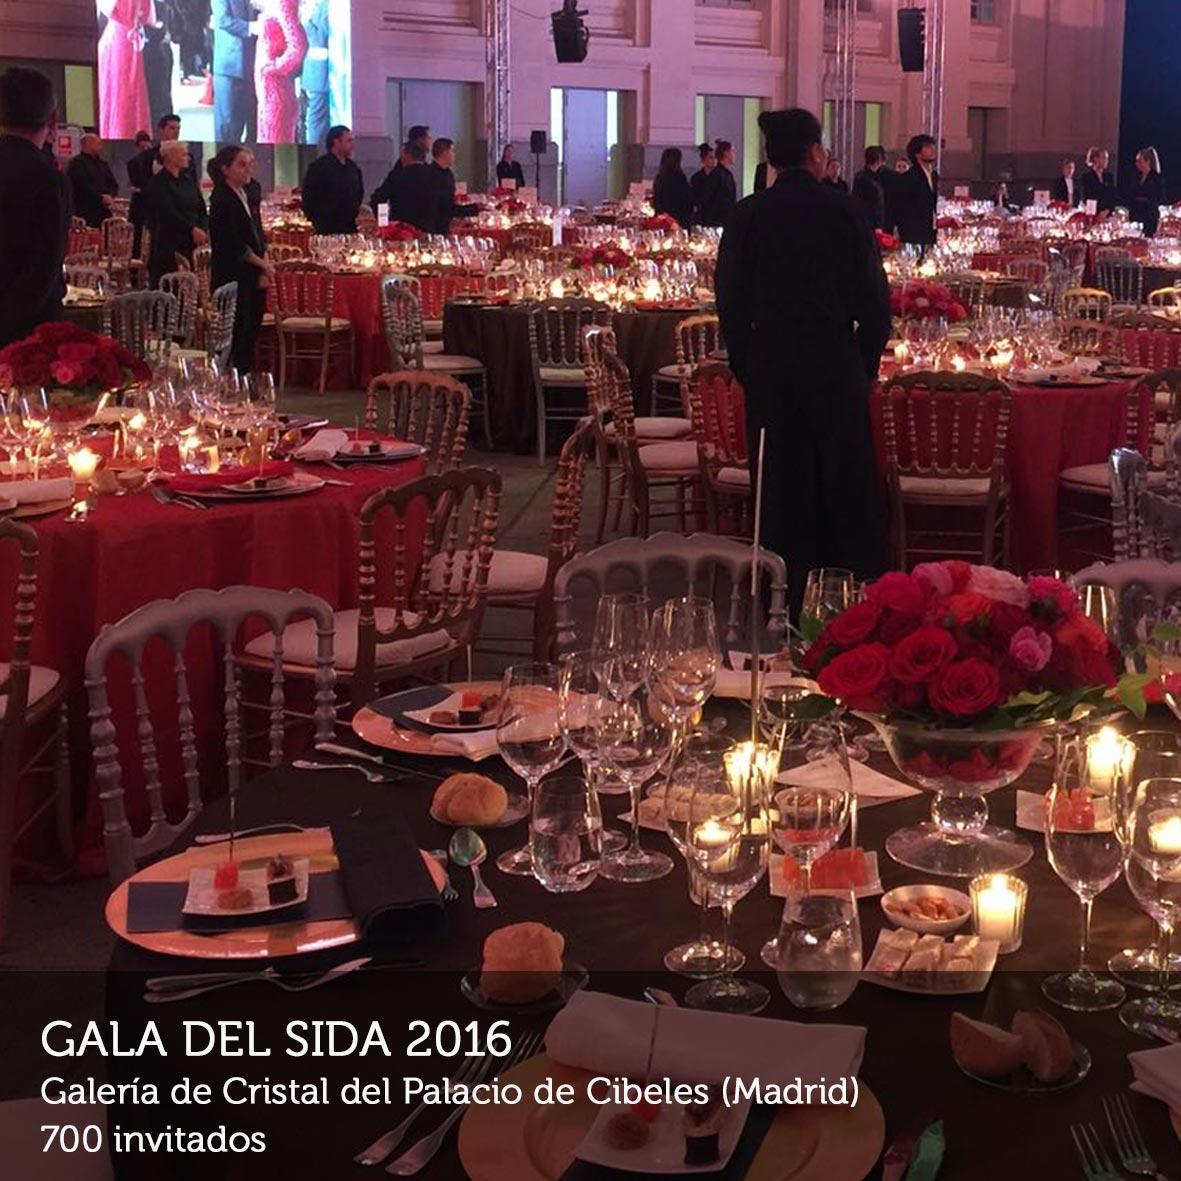 gala-del-sida-2016-palacio-cibeles